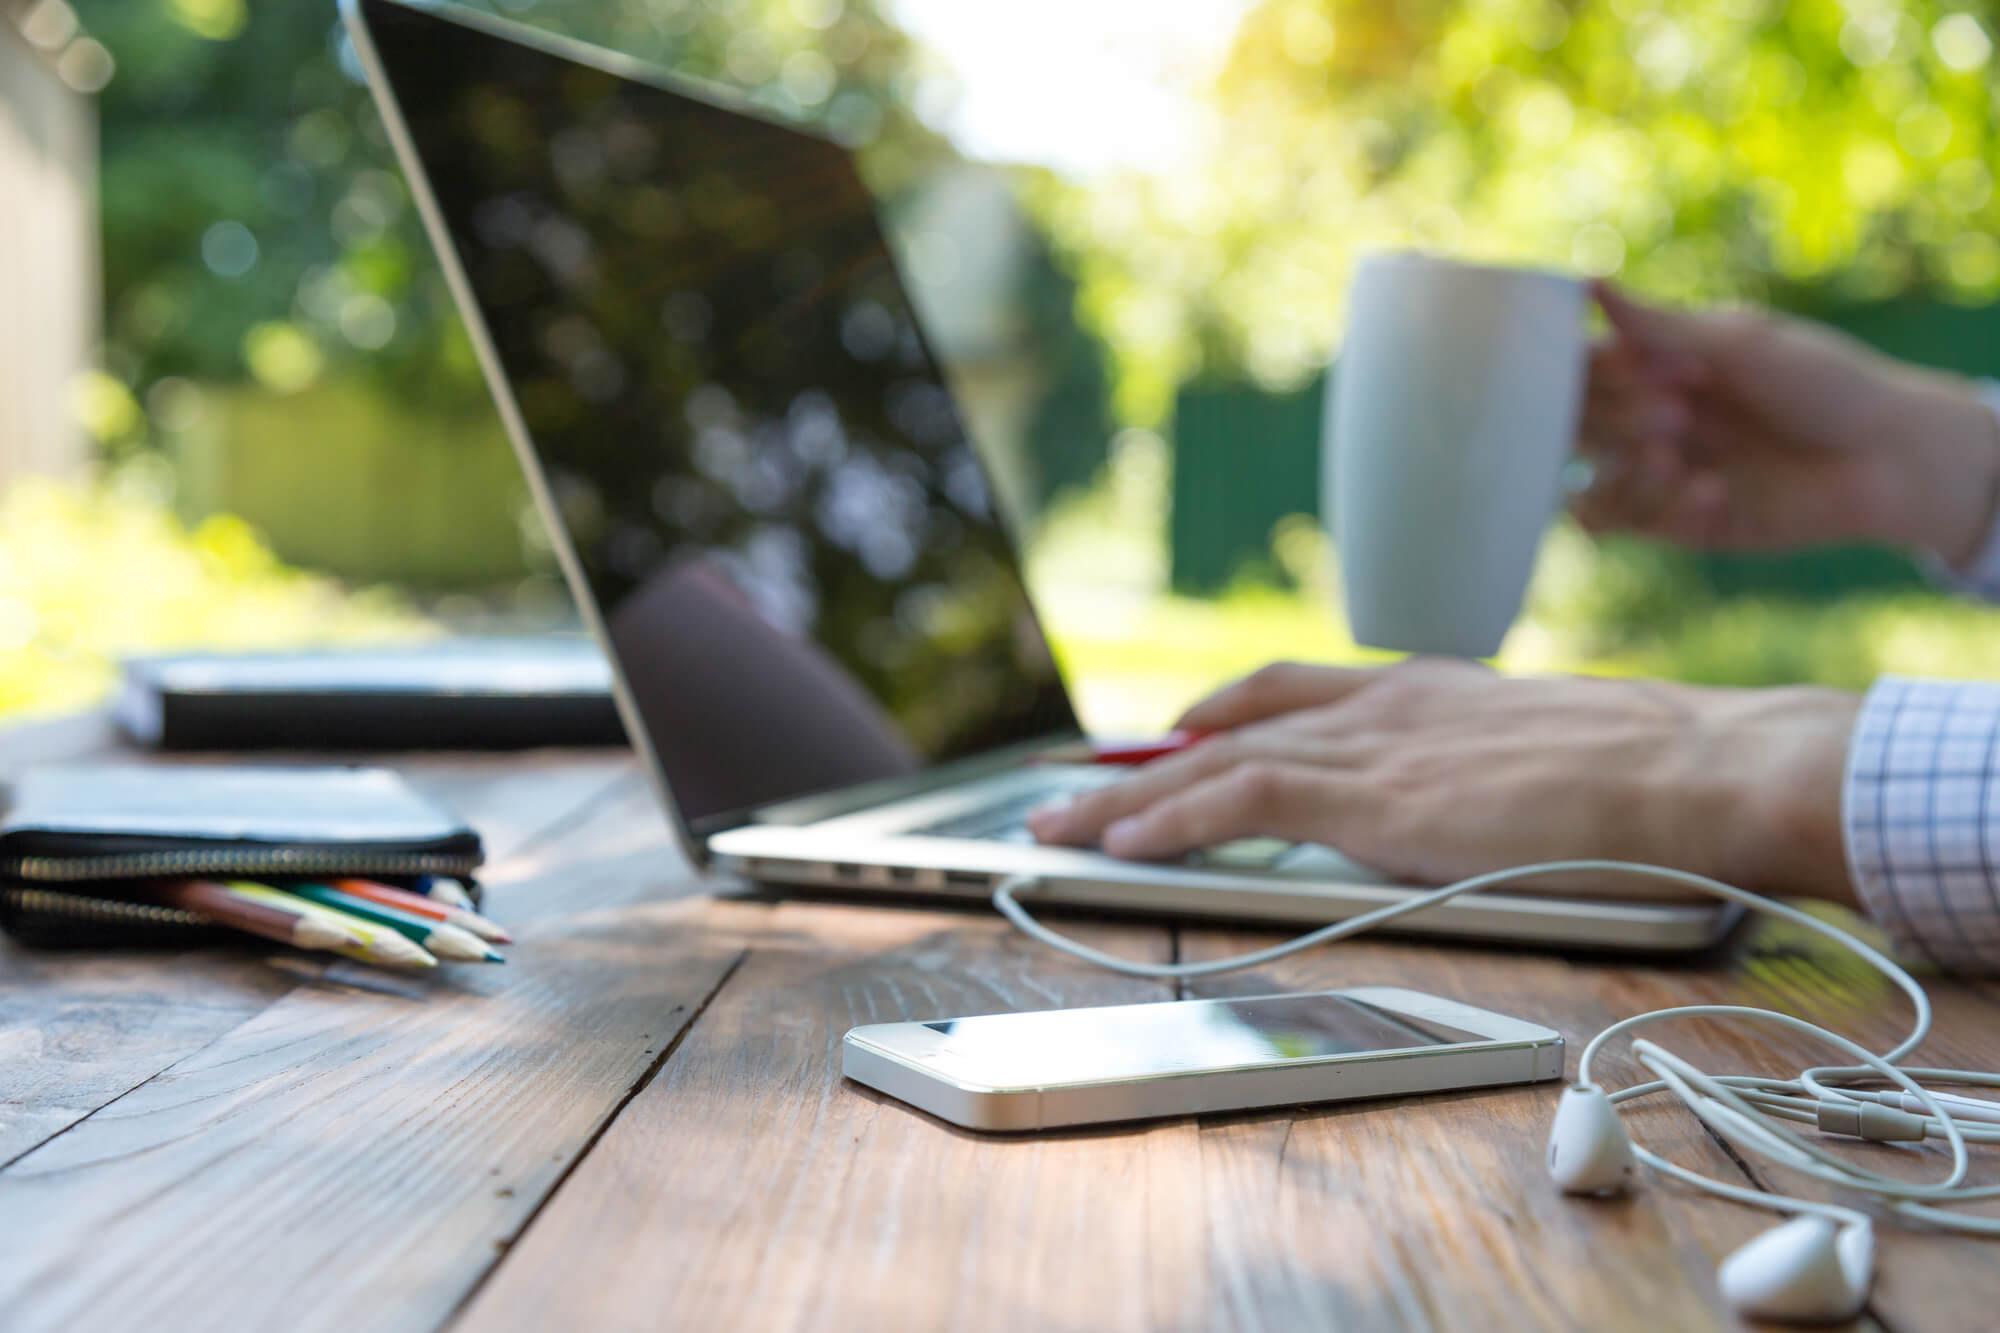 EL E-LEARNING COMO ALTERNATIVA VIABLE Y CONFIABLE